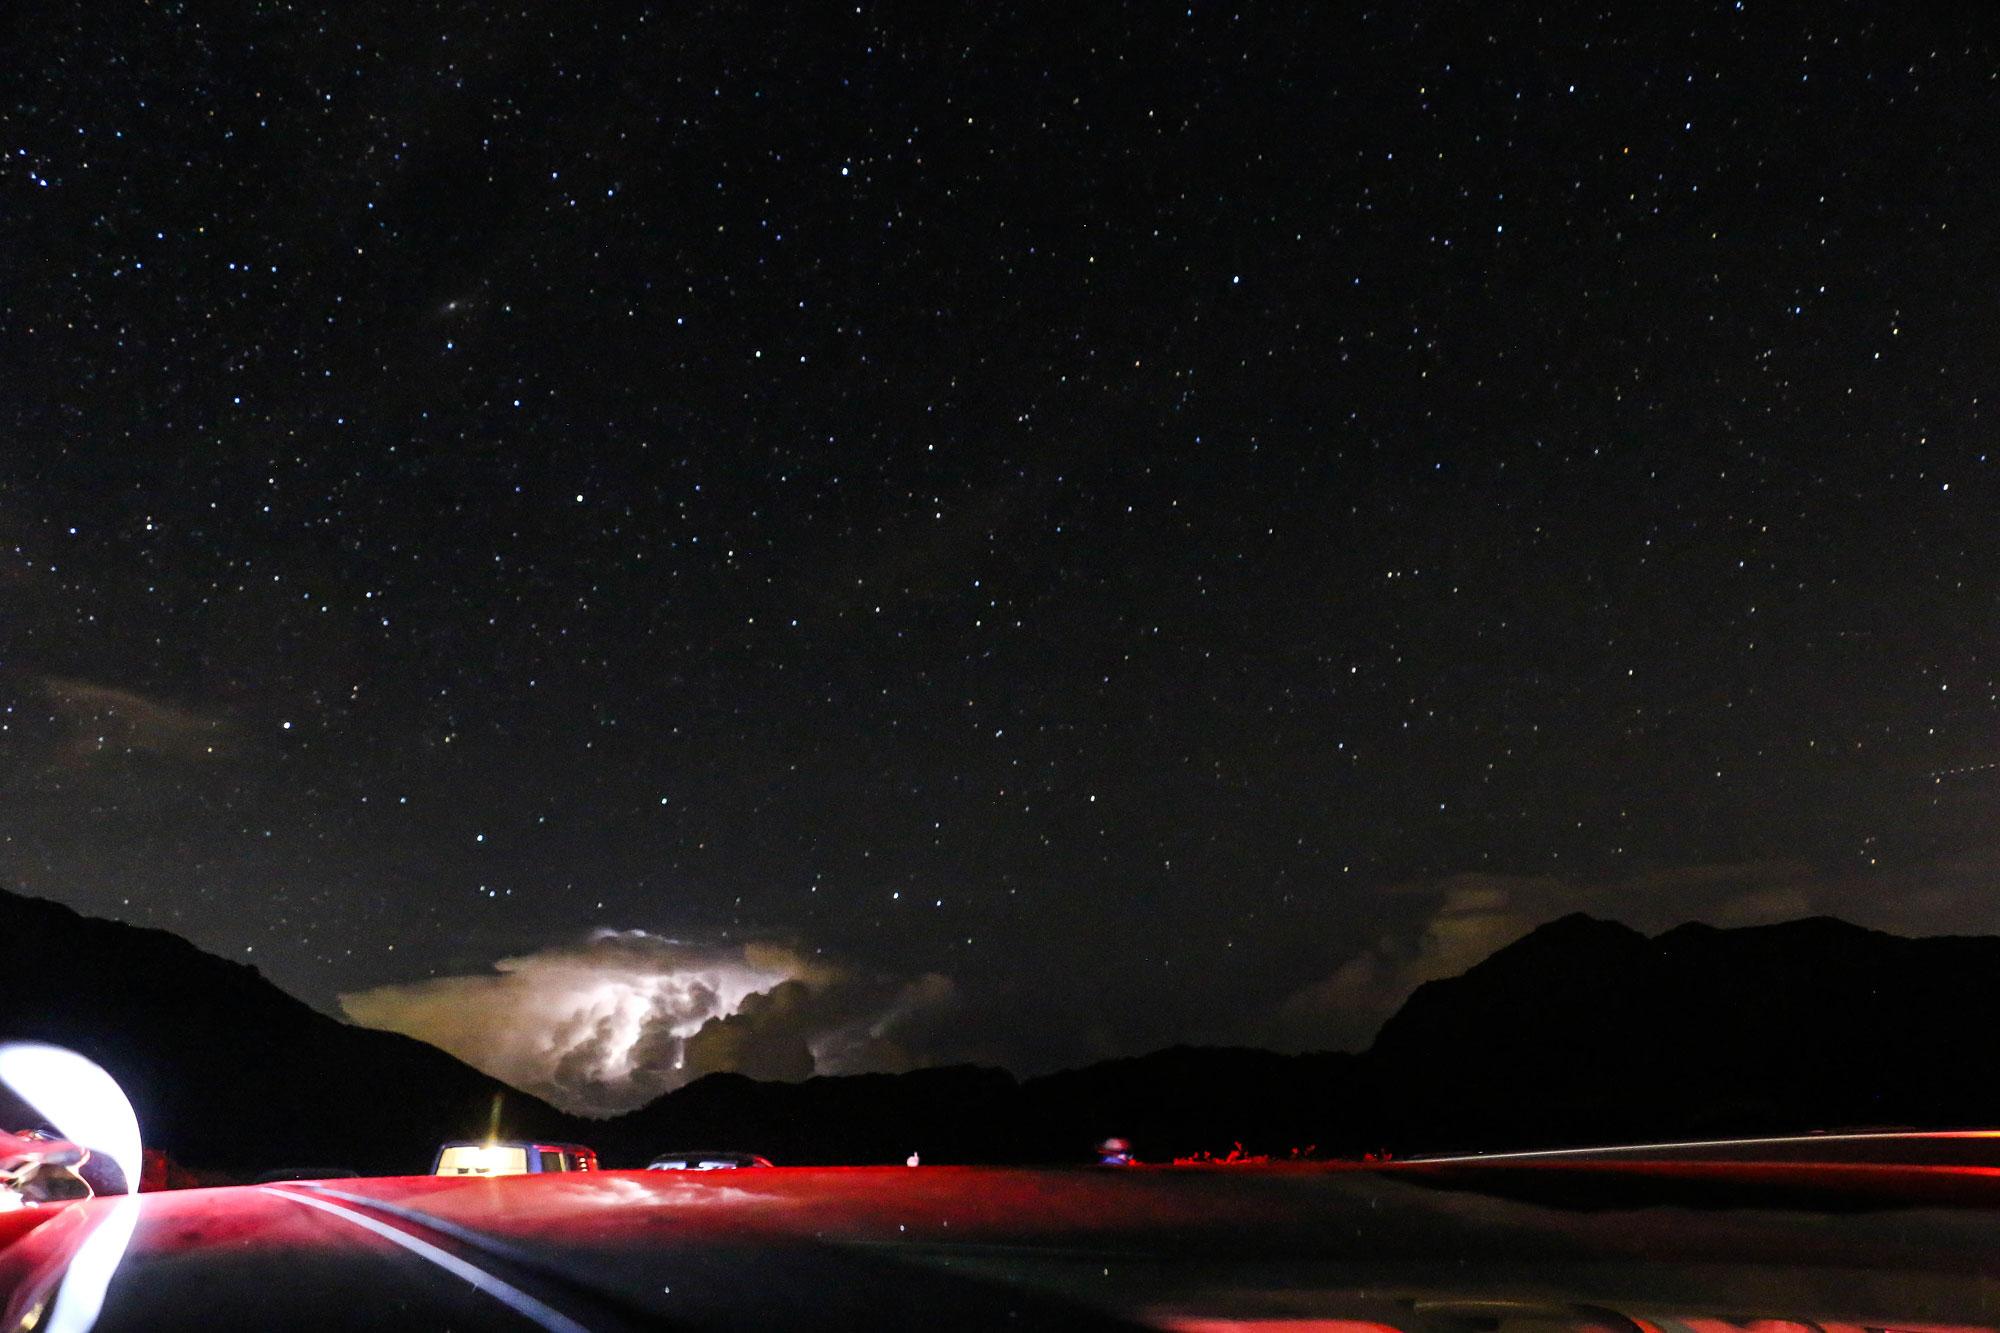 幾乎沒有光害的昆陽停車場,抬頭就能見到滿天星斗。